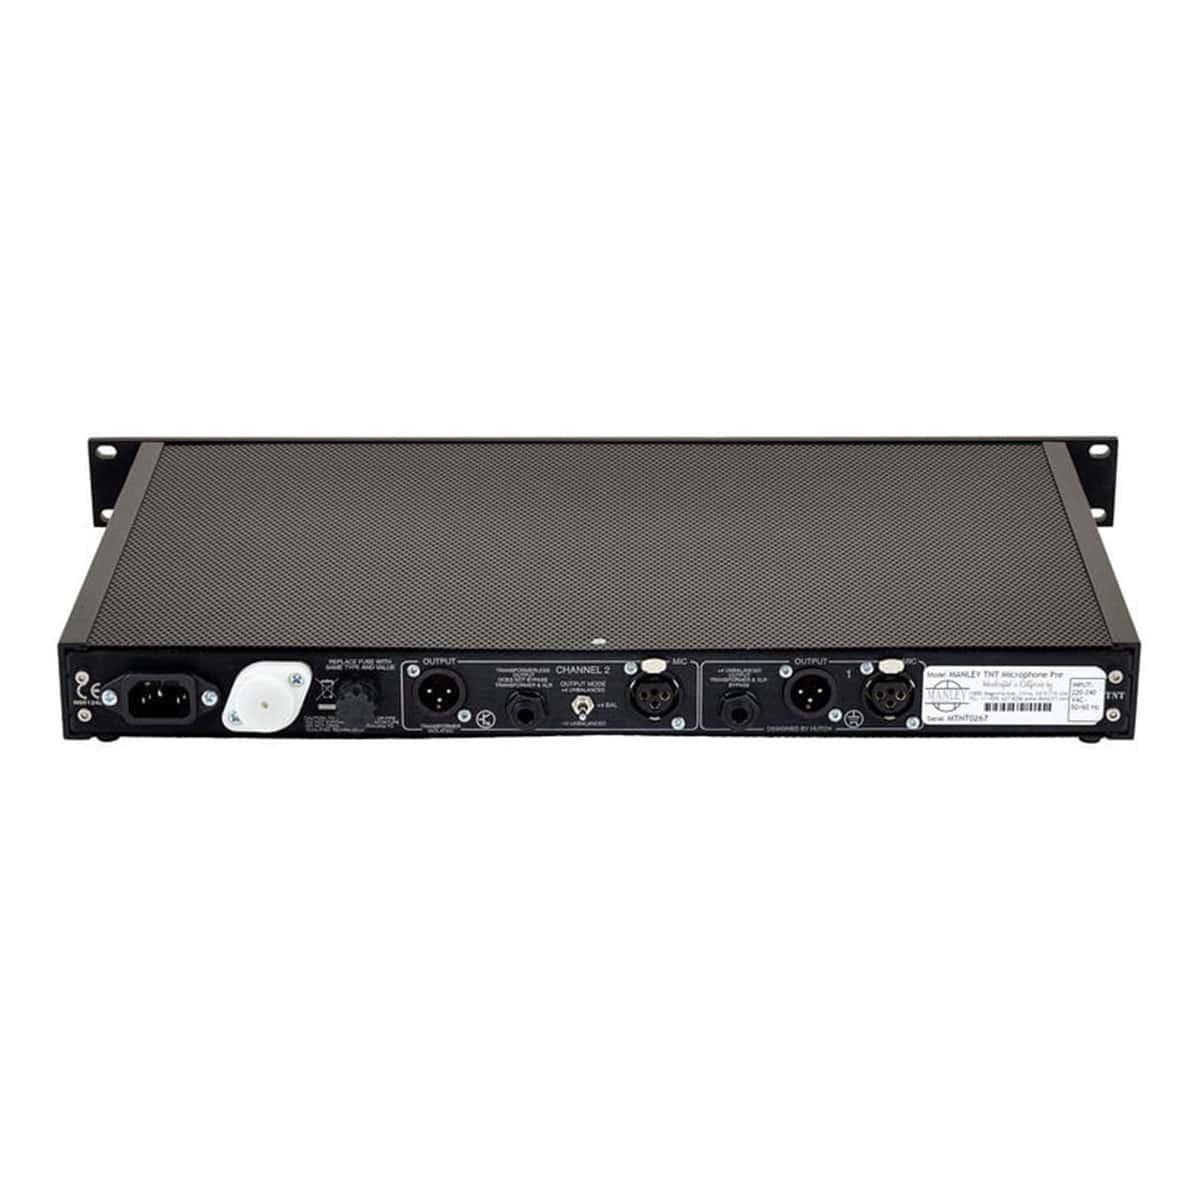 Manley TNT 06 Outboard professionale analogico, Preamplificatori microfonici in formato Rack e Serie 500, Strumentazioni Pro Audio per studi di registrazione